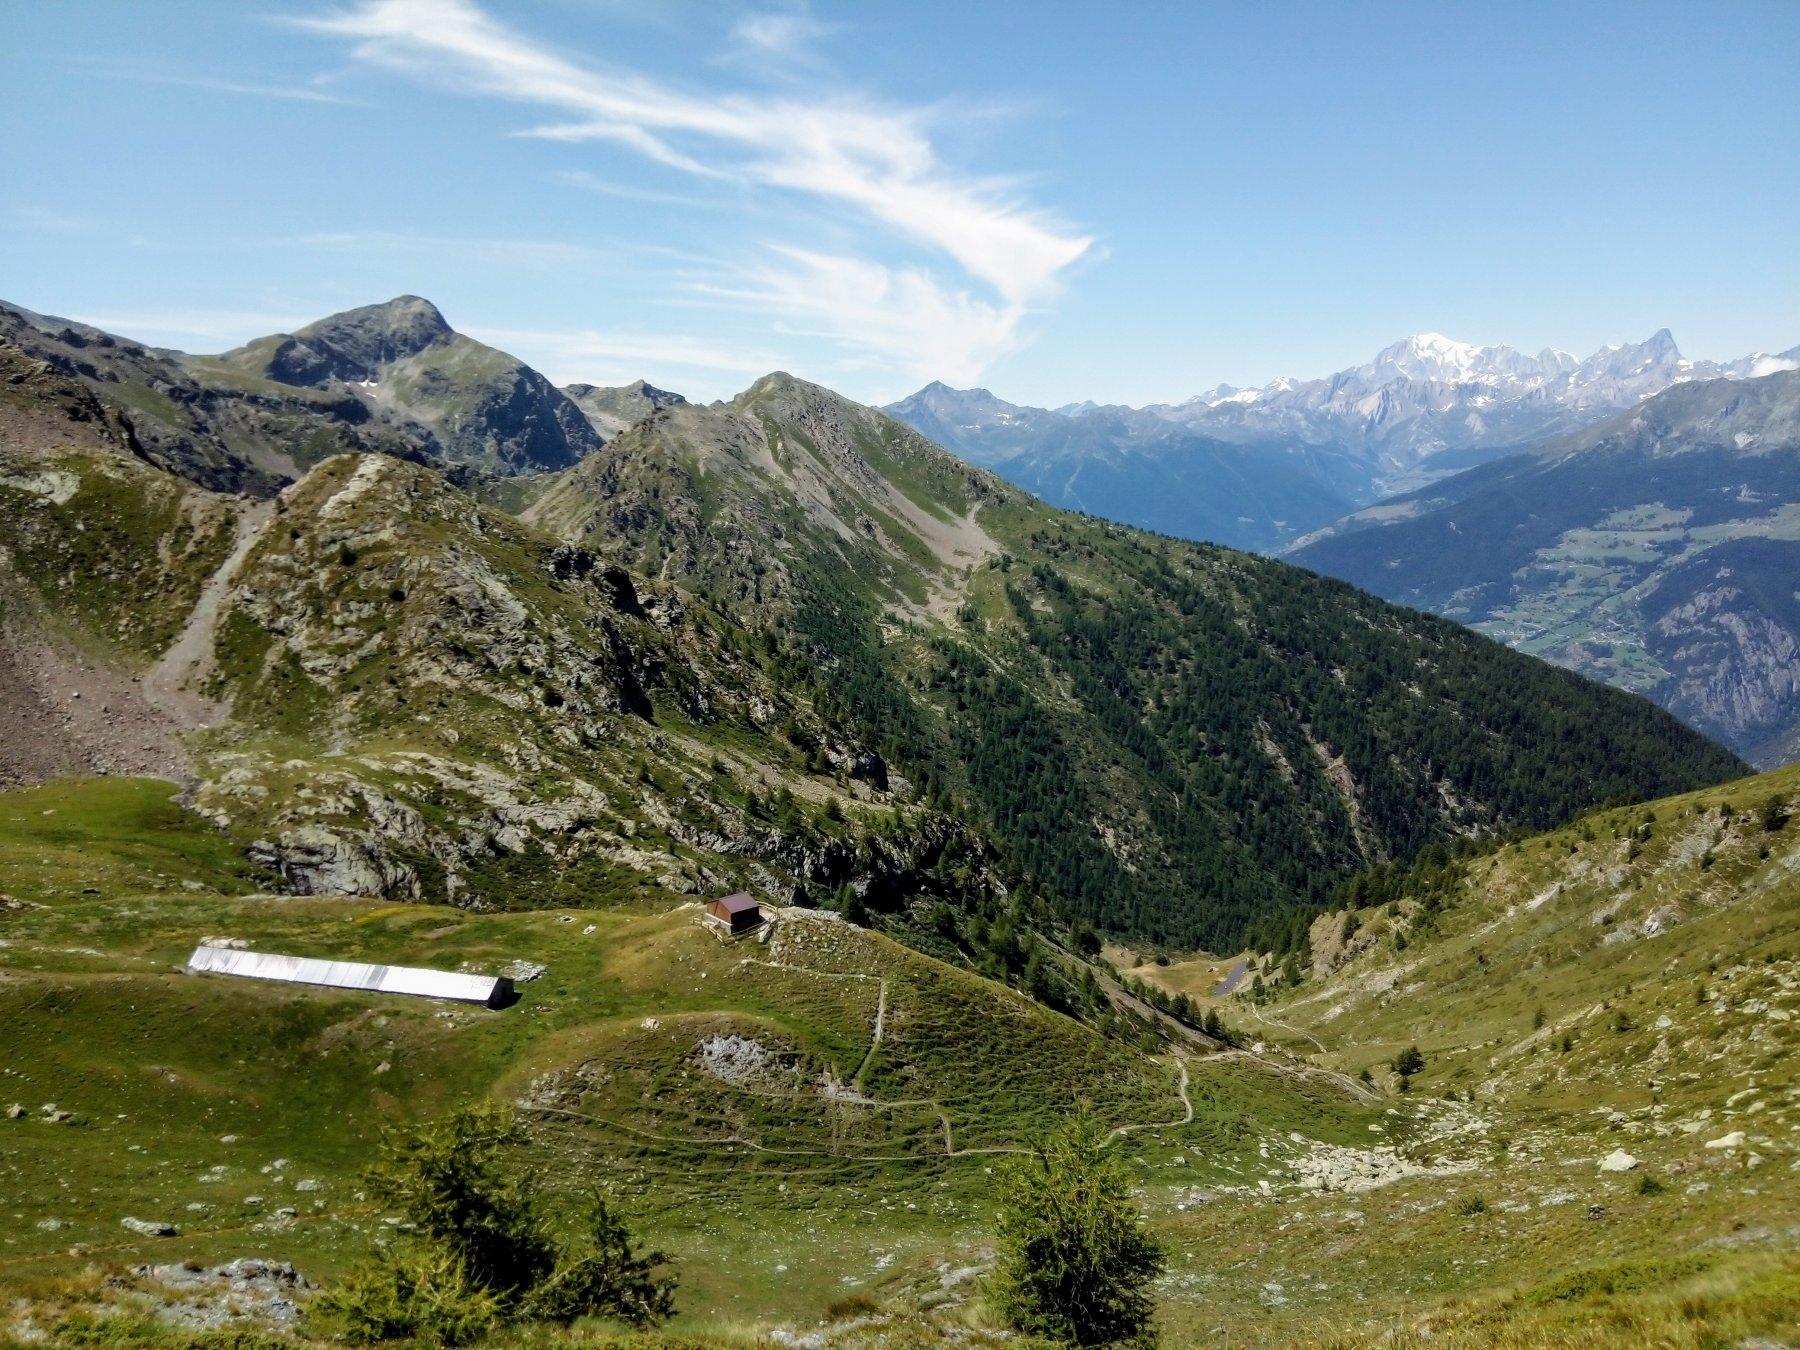 La Llièe (Bivacco) da Thoules per l'Alpe Verzignolette 2019-07-31